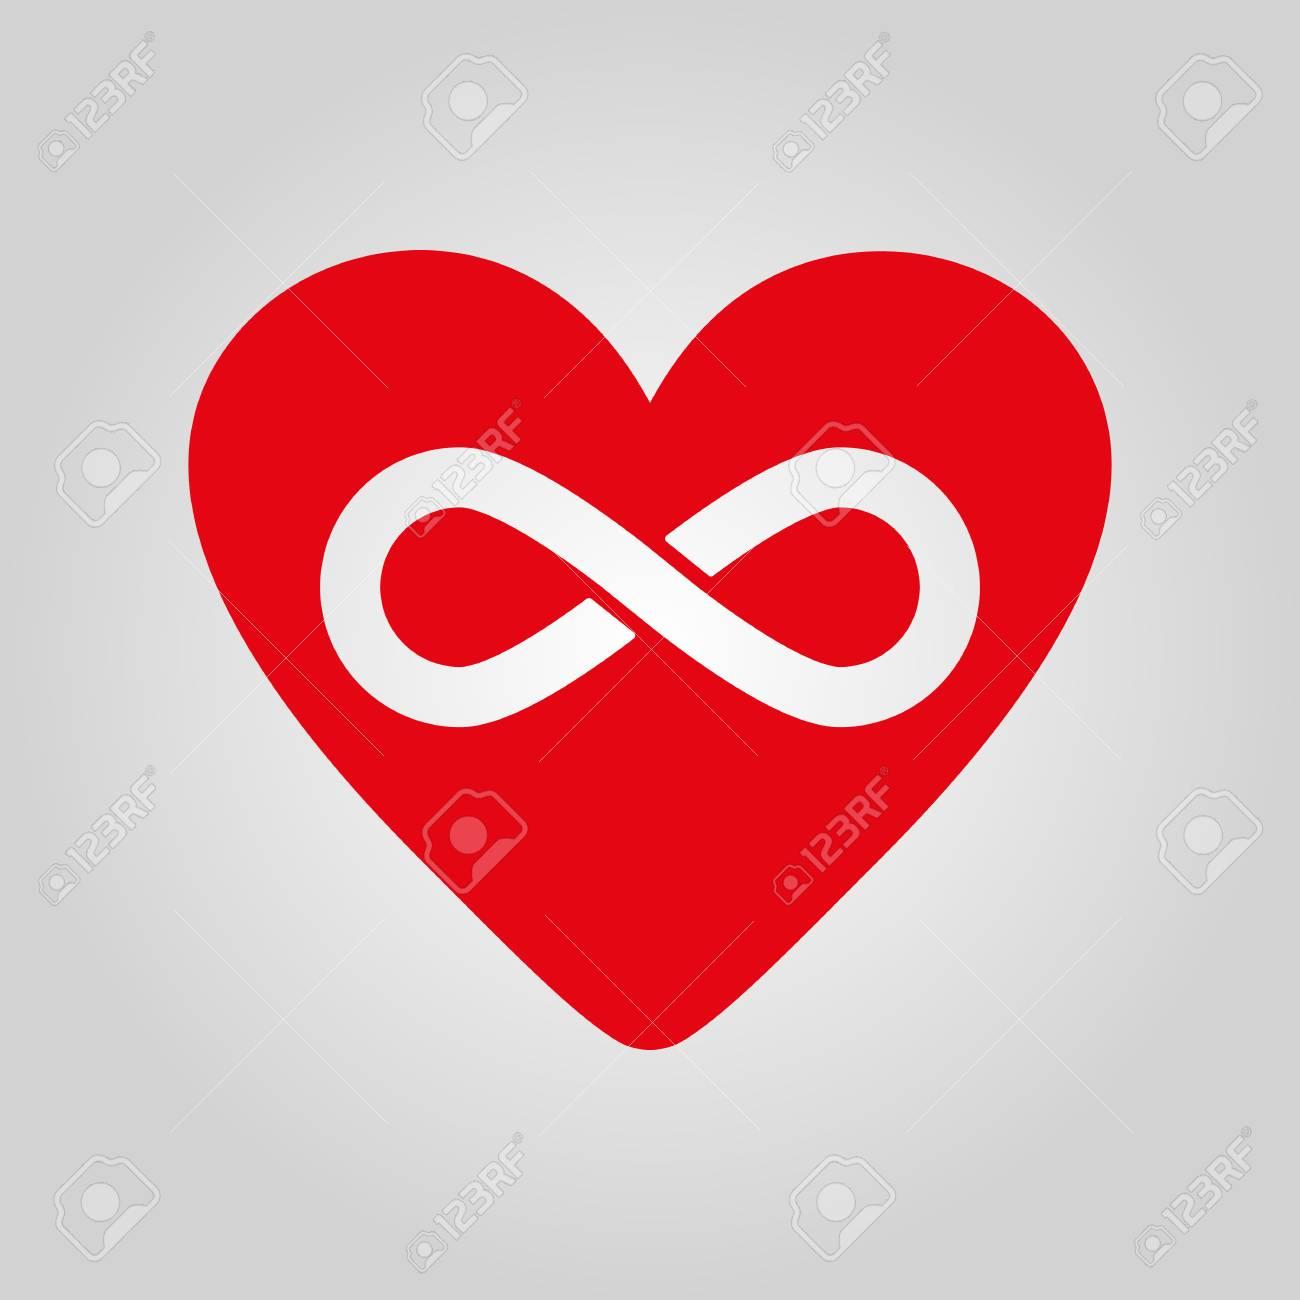 El Icono De Corazón Y El Infinito Corazón Y Símbolo Del Infinito